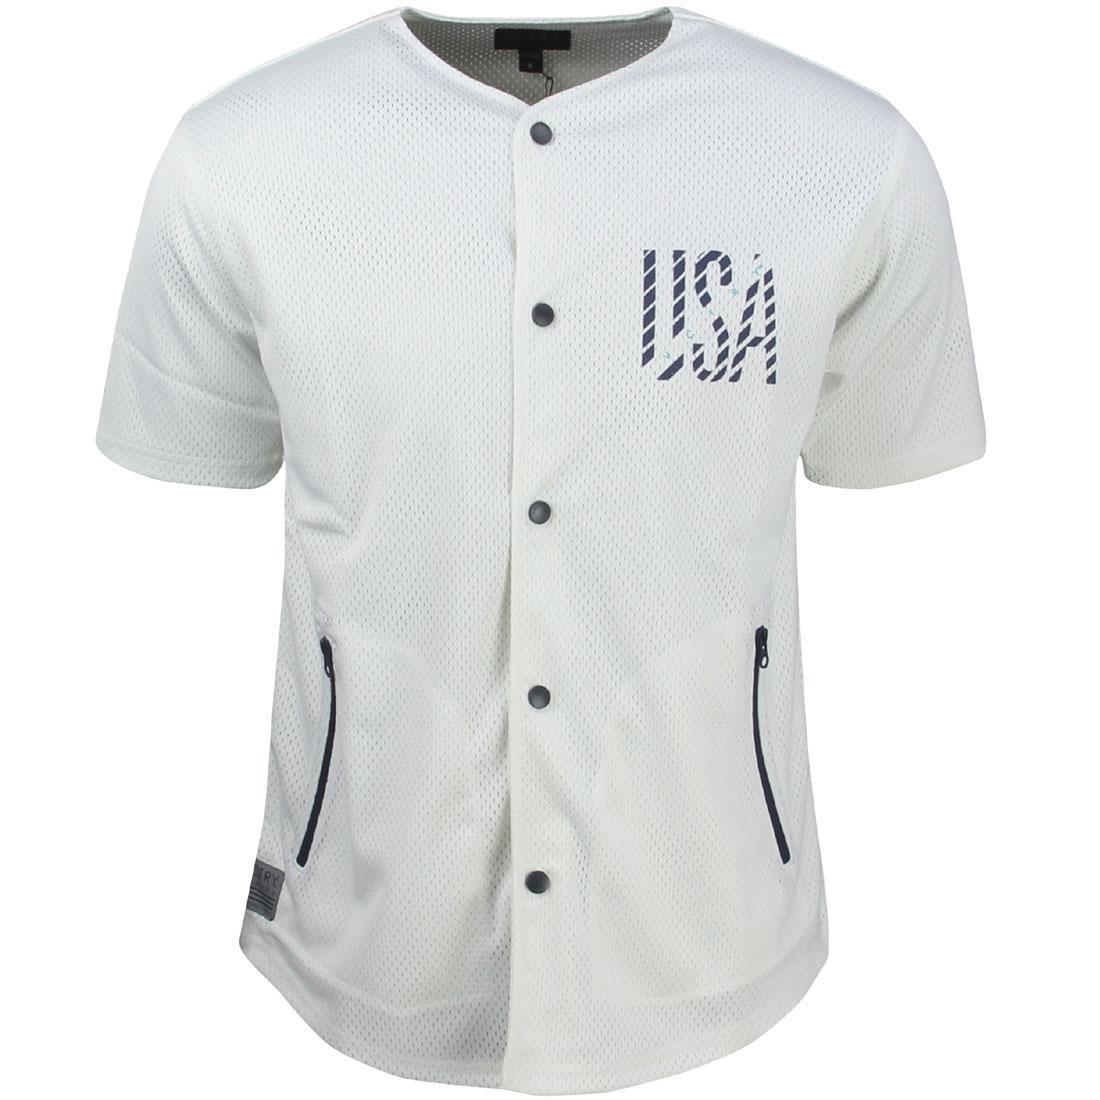 【スーパーセール中! 6/11深夜2時迄】テンディープ 10 DEEP ジャージ メンズファッション トップス Tシャツ カットソー メンズ 【 Men Doubleplay Jersey (white) 】 White